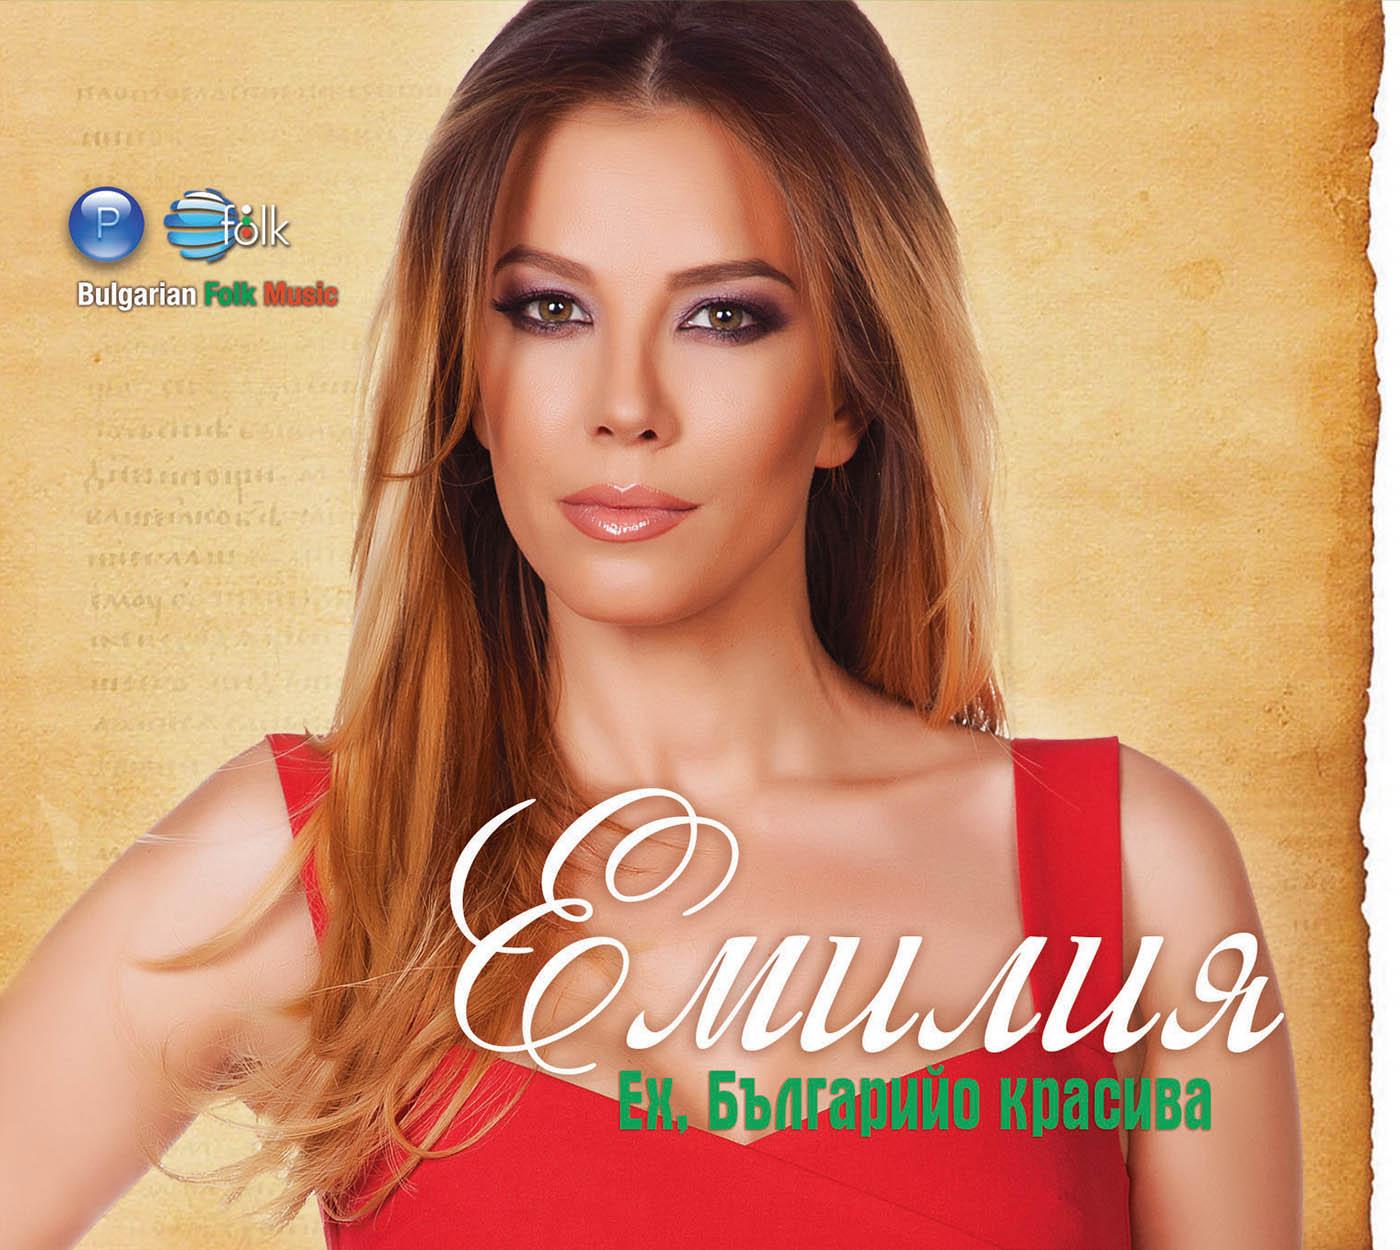 """Фолклорният албум на Емилия """"Еx, Българийо, красива"""" - вече факт"""